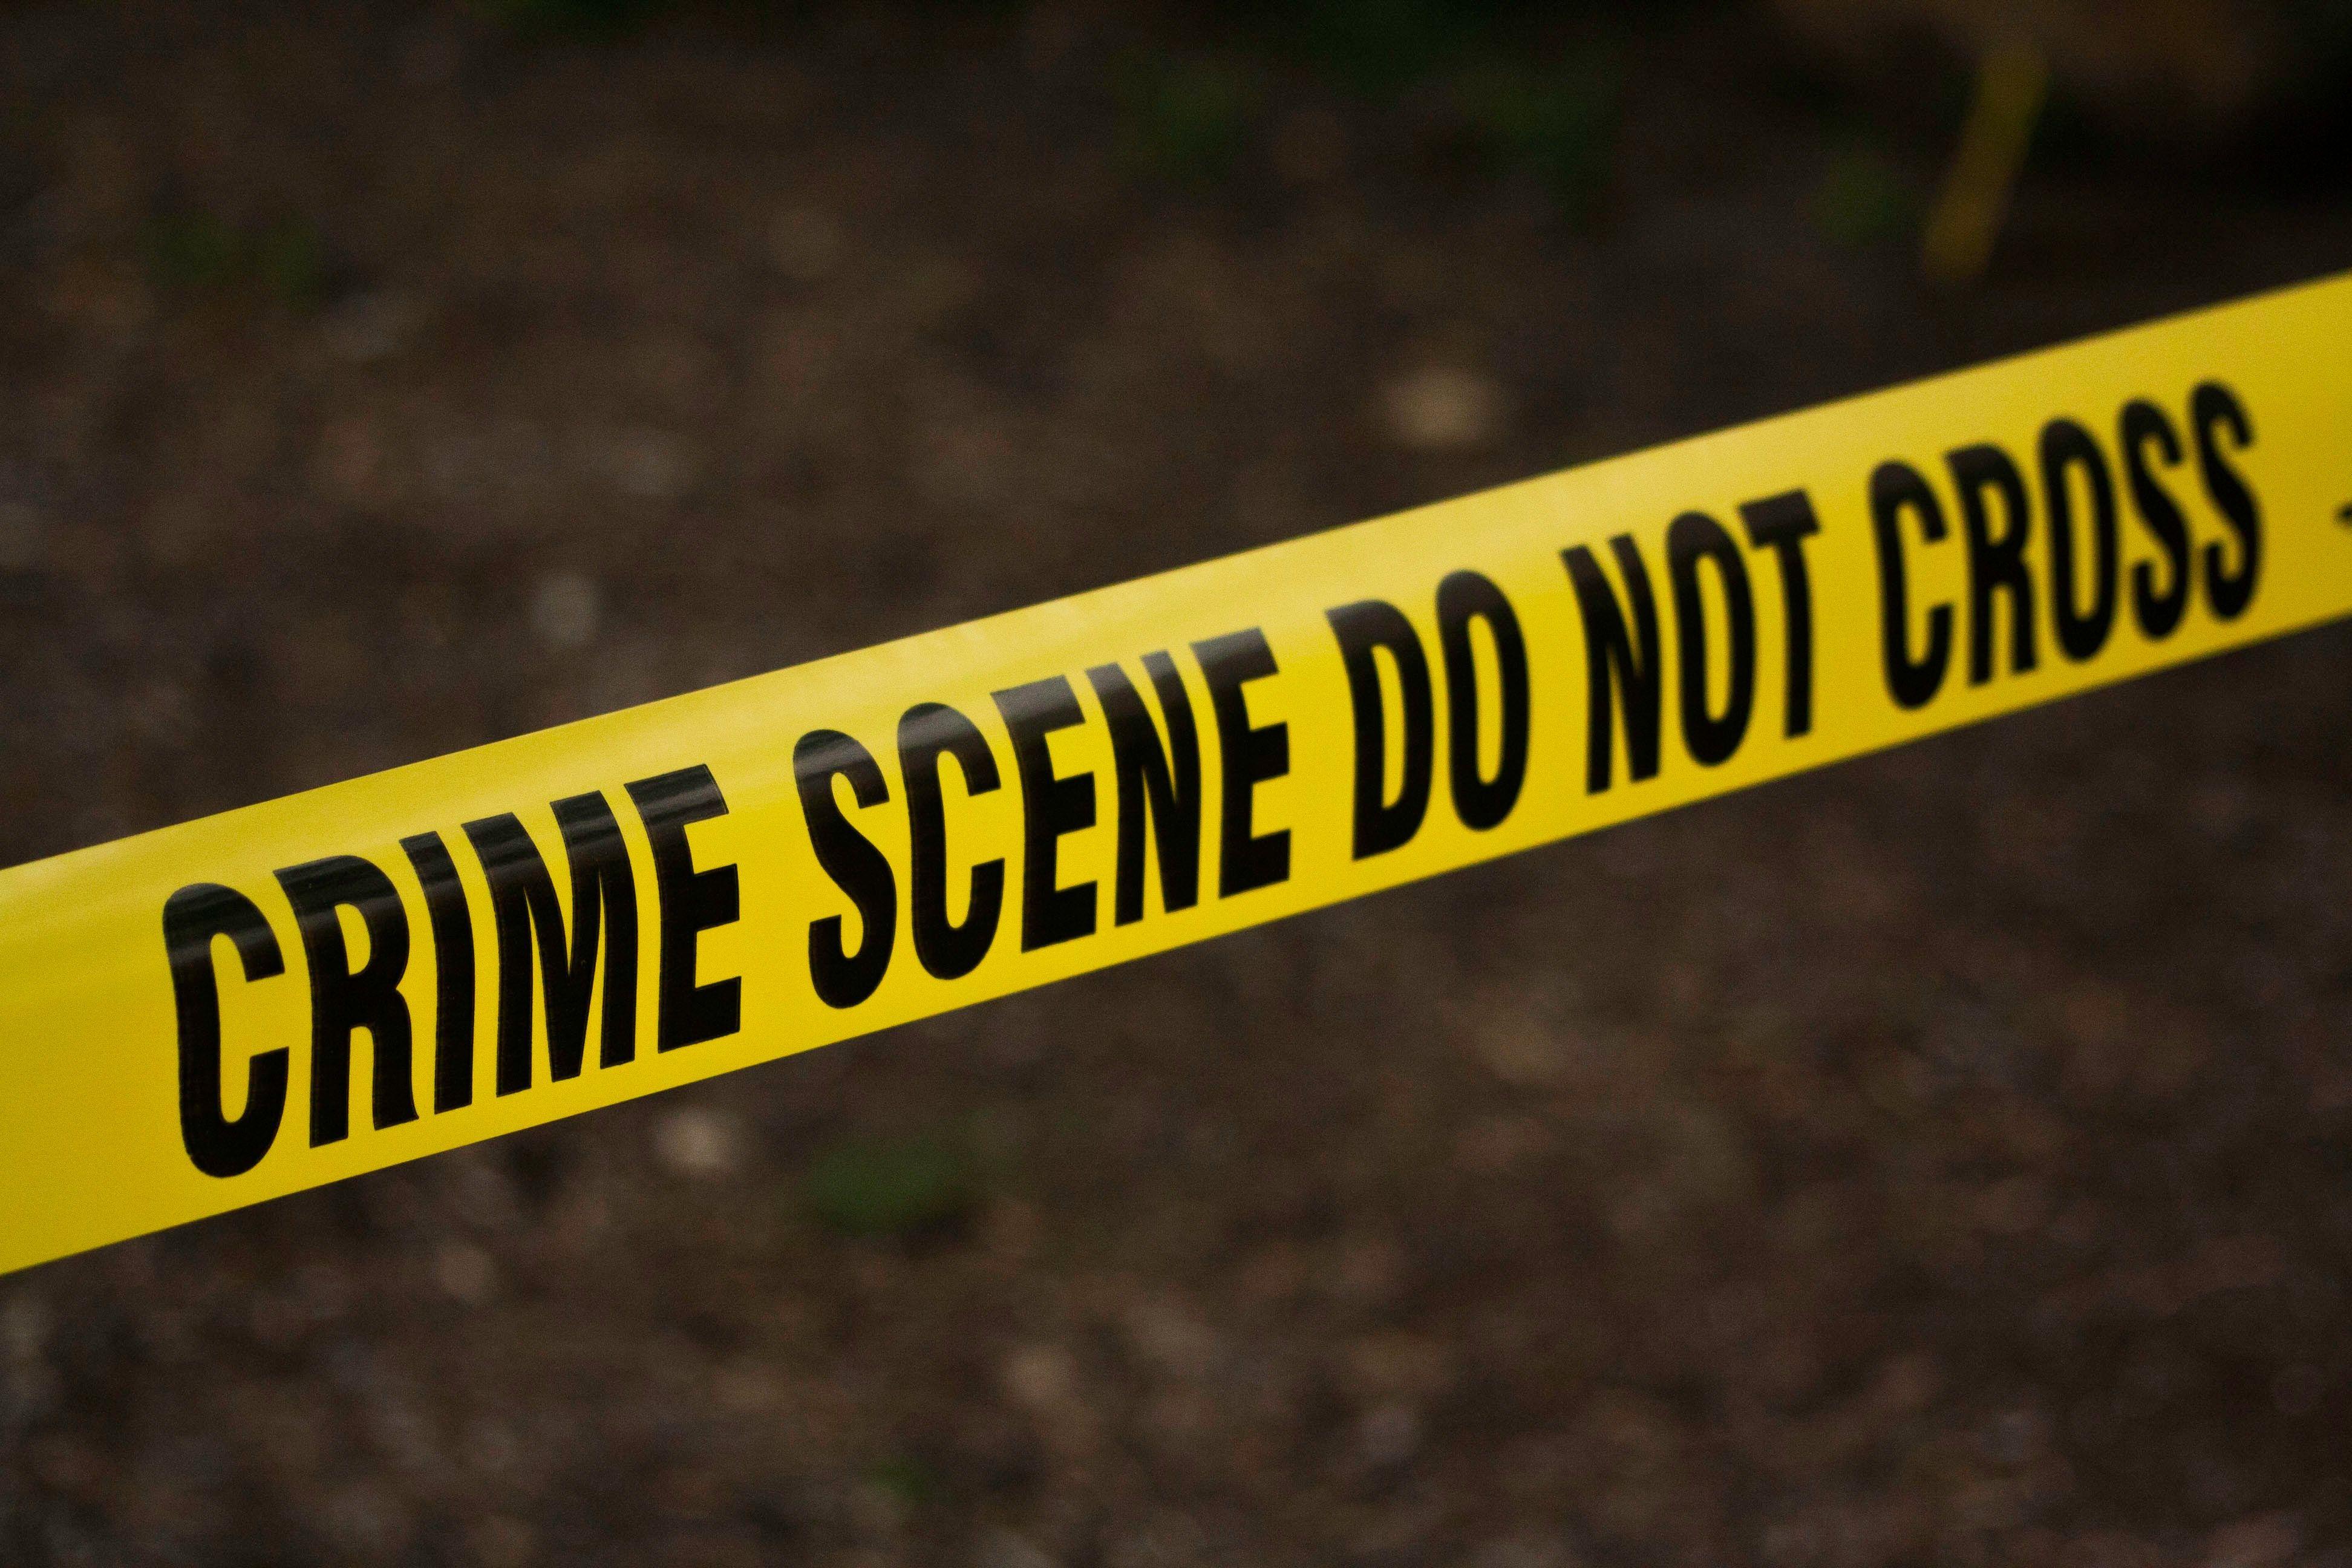 Polizia Predittiva: il futuro della prevenzione criminale?